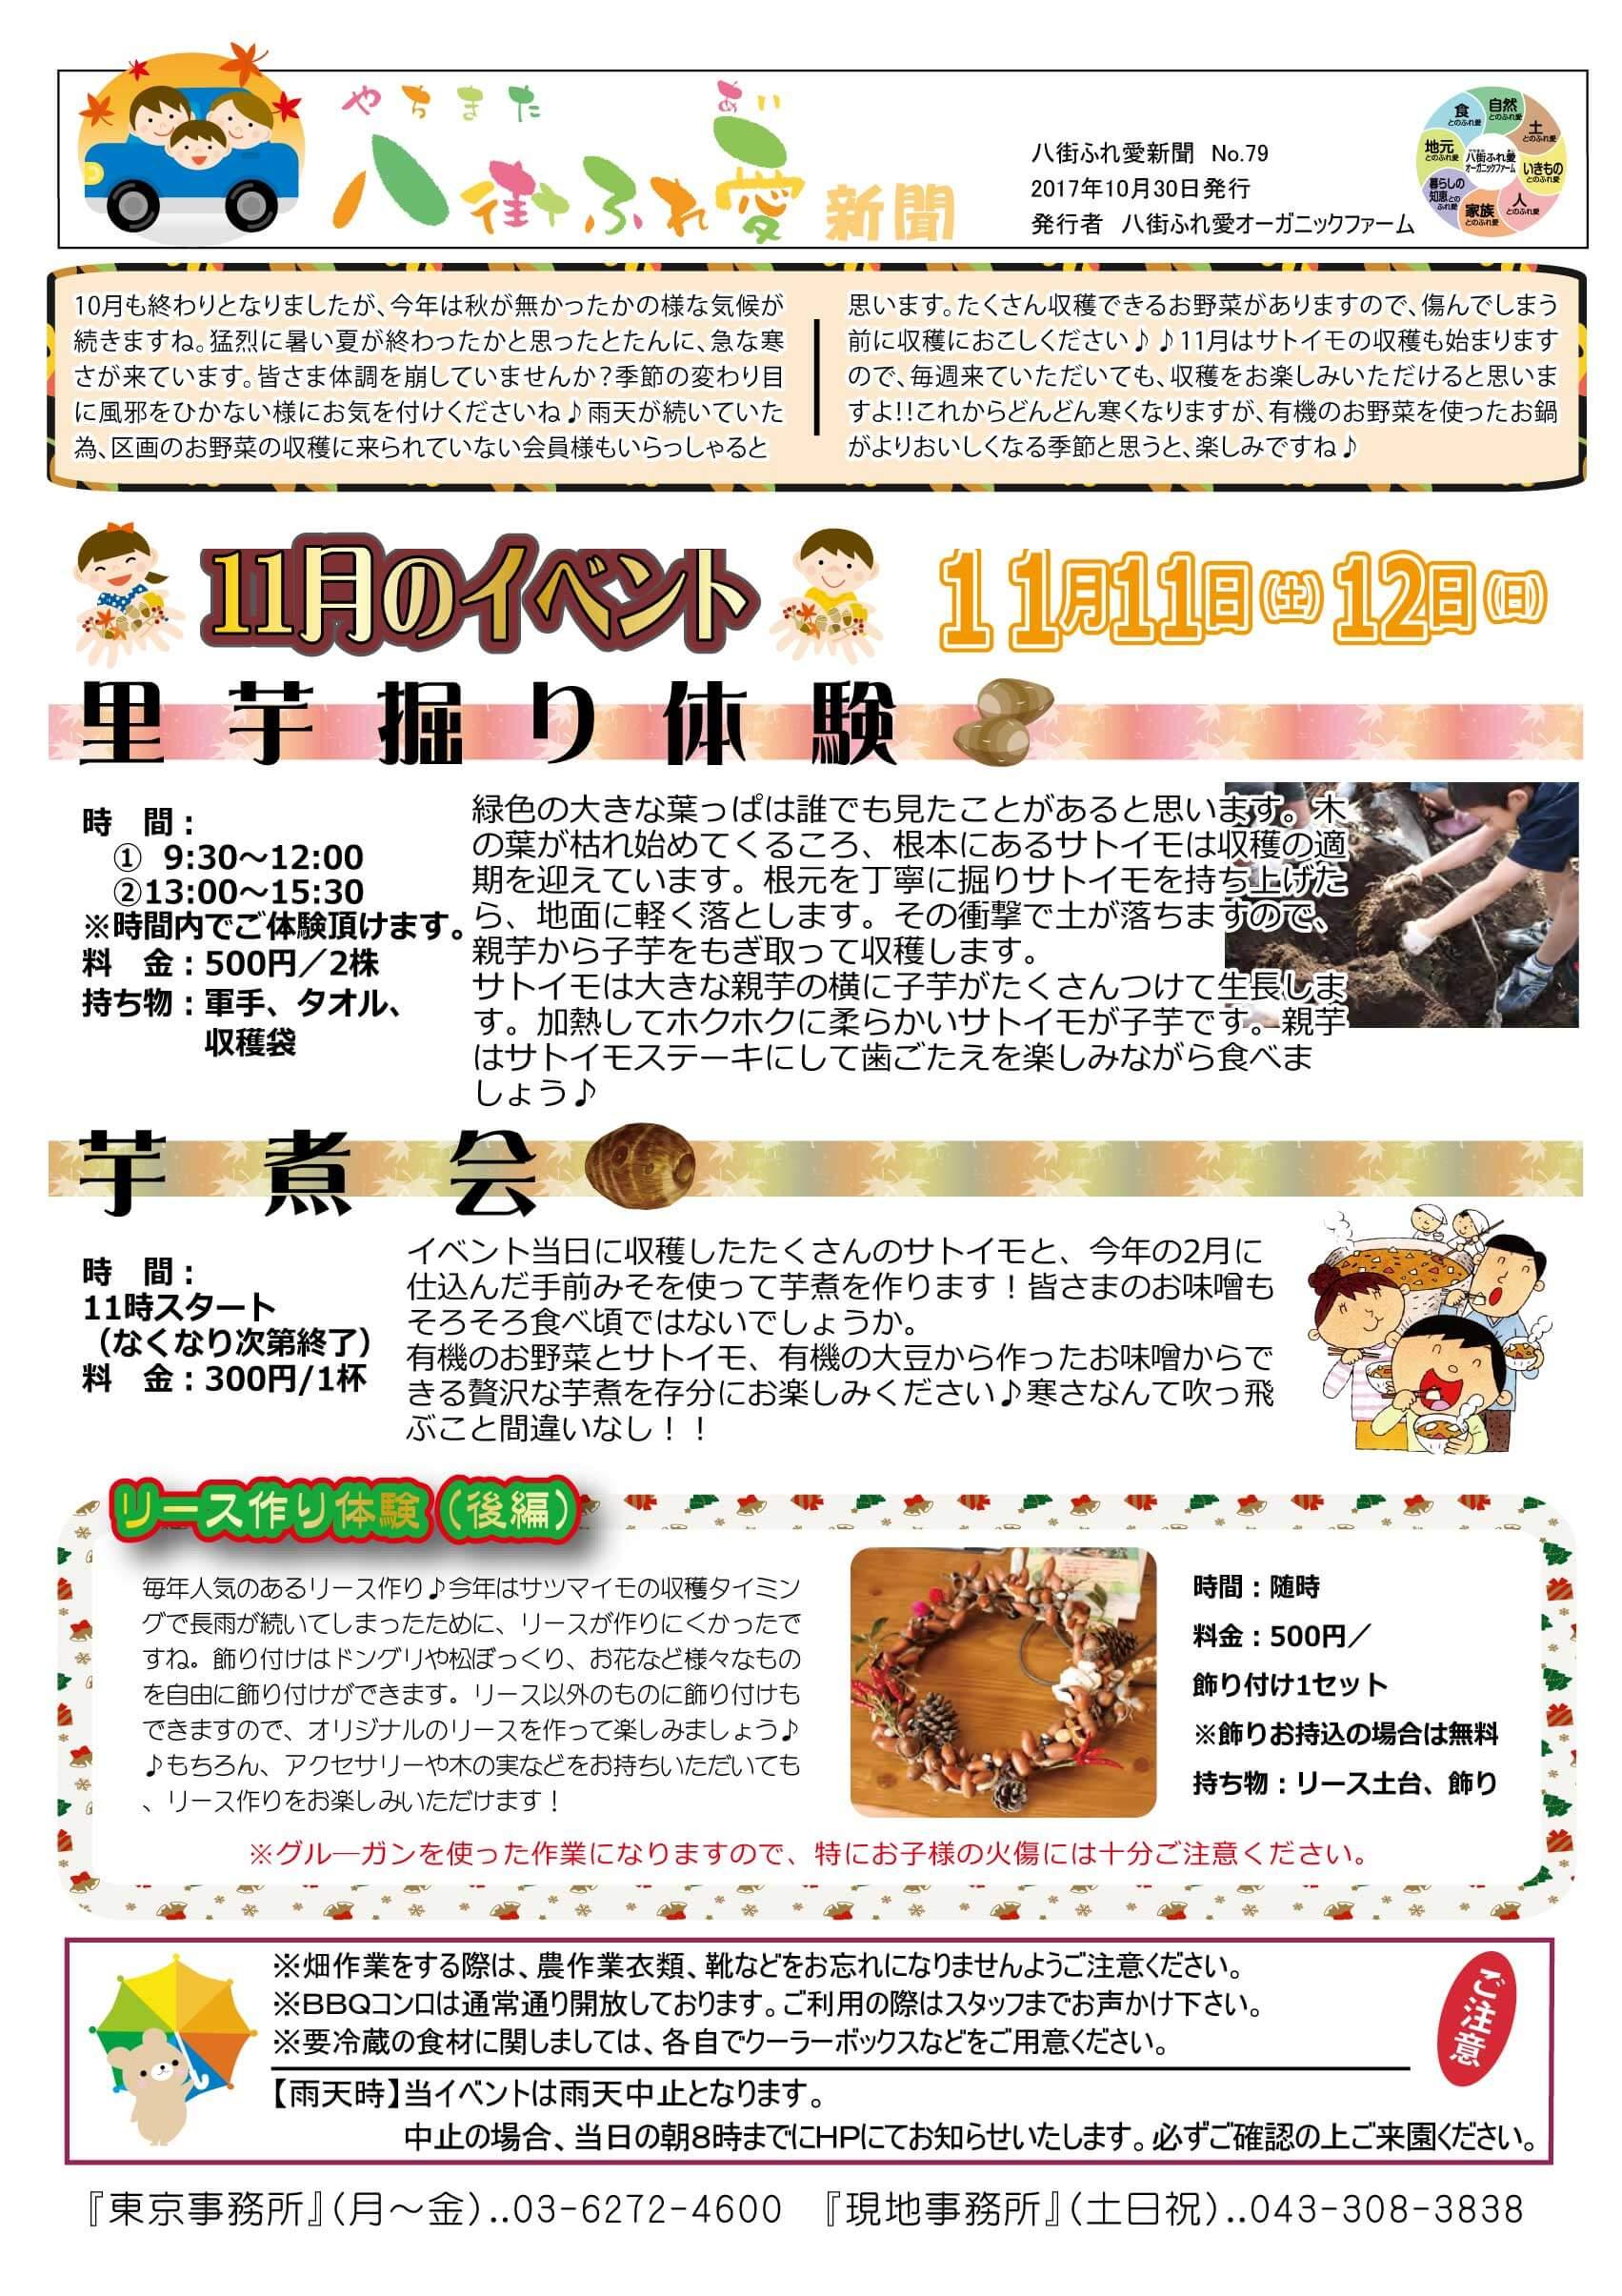 里芋堀り体験 11月11日、12日 芋煮会 リース作り体験(後編)イベント当日に収穫した里芋と今年2月に仕込んだ手前みそを使って芋煮を作ります!